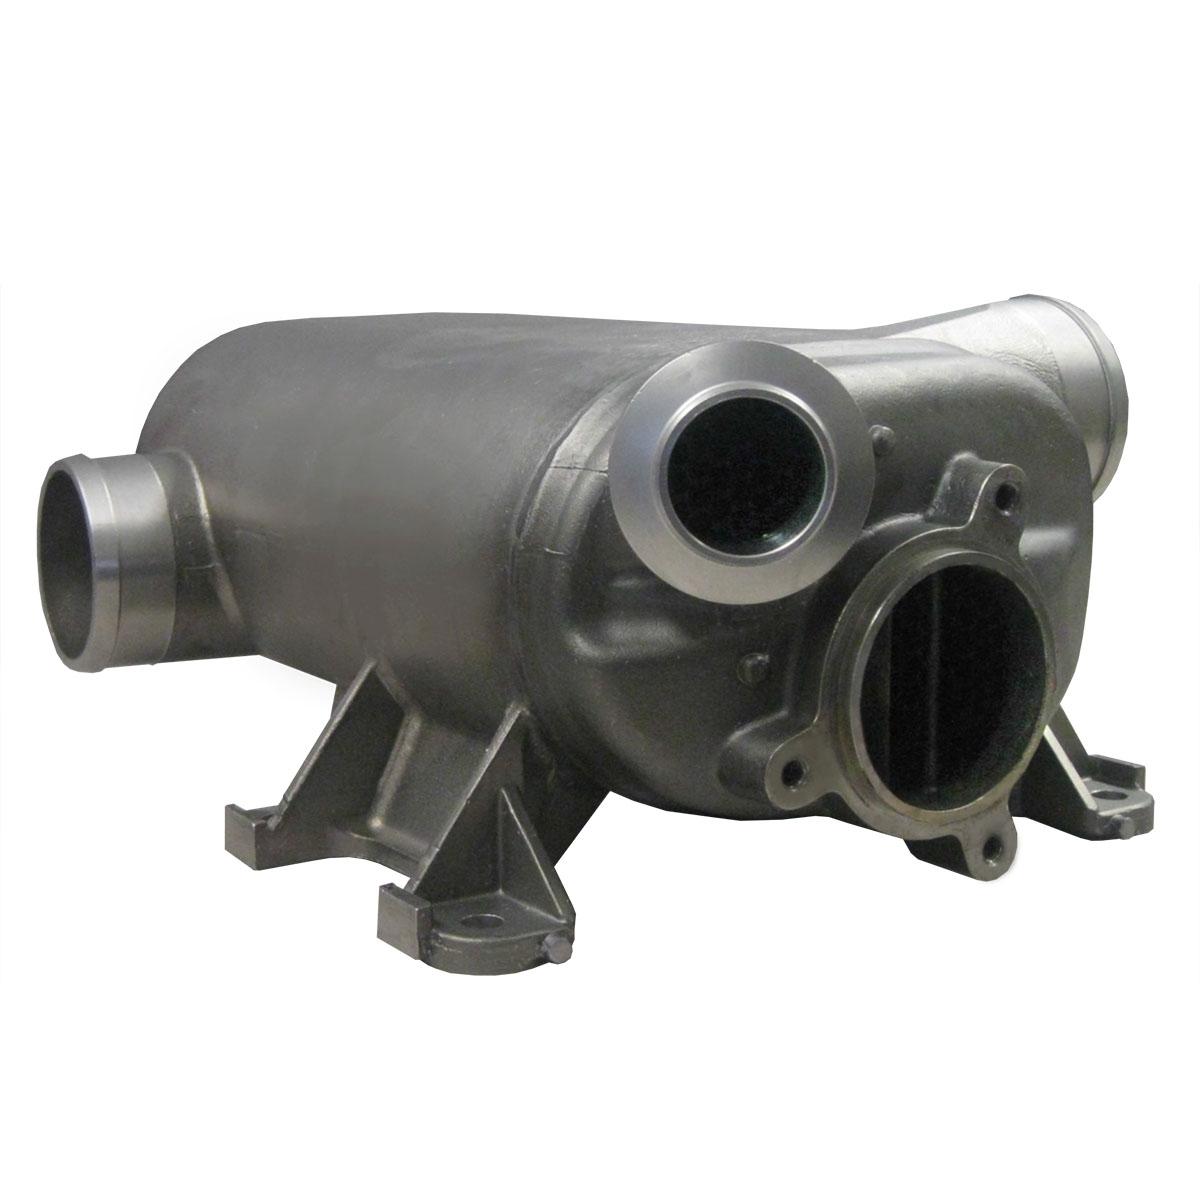 Detroit Diesel Series 60 >> Detroit Diesel Series 60 Egr Cooler 23538835